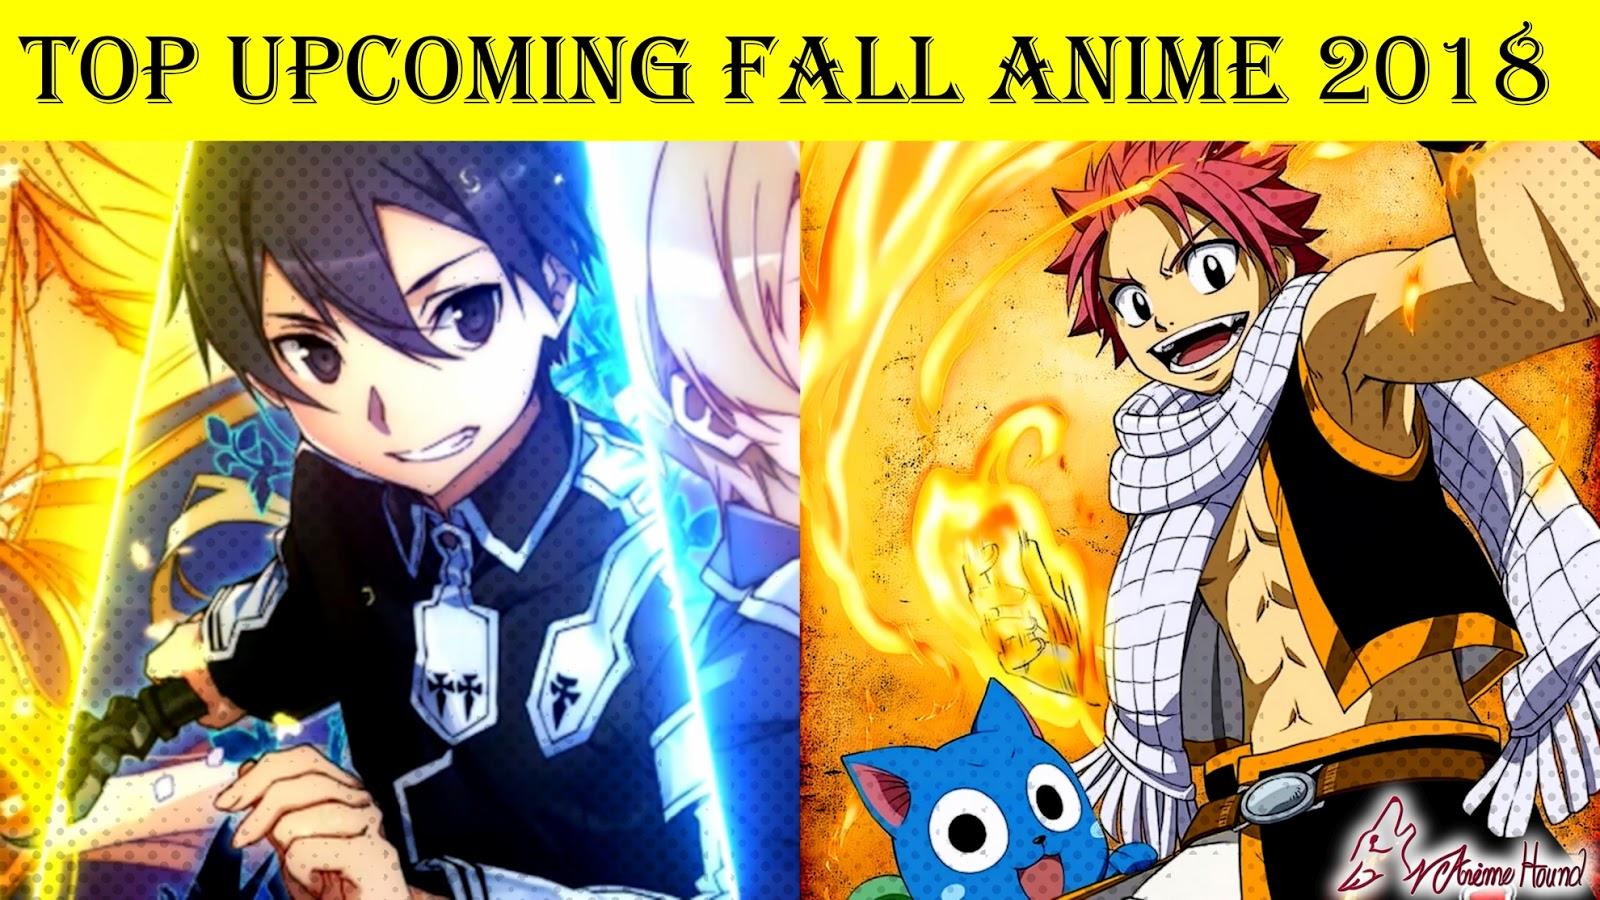 Anime yang akan rilis pada fall 2018